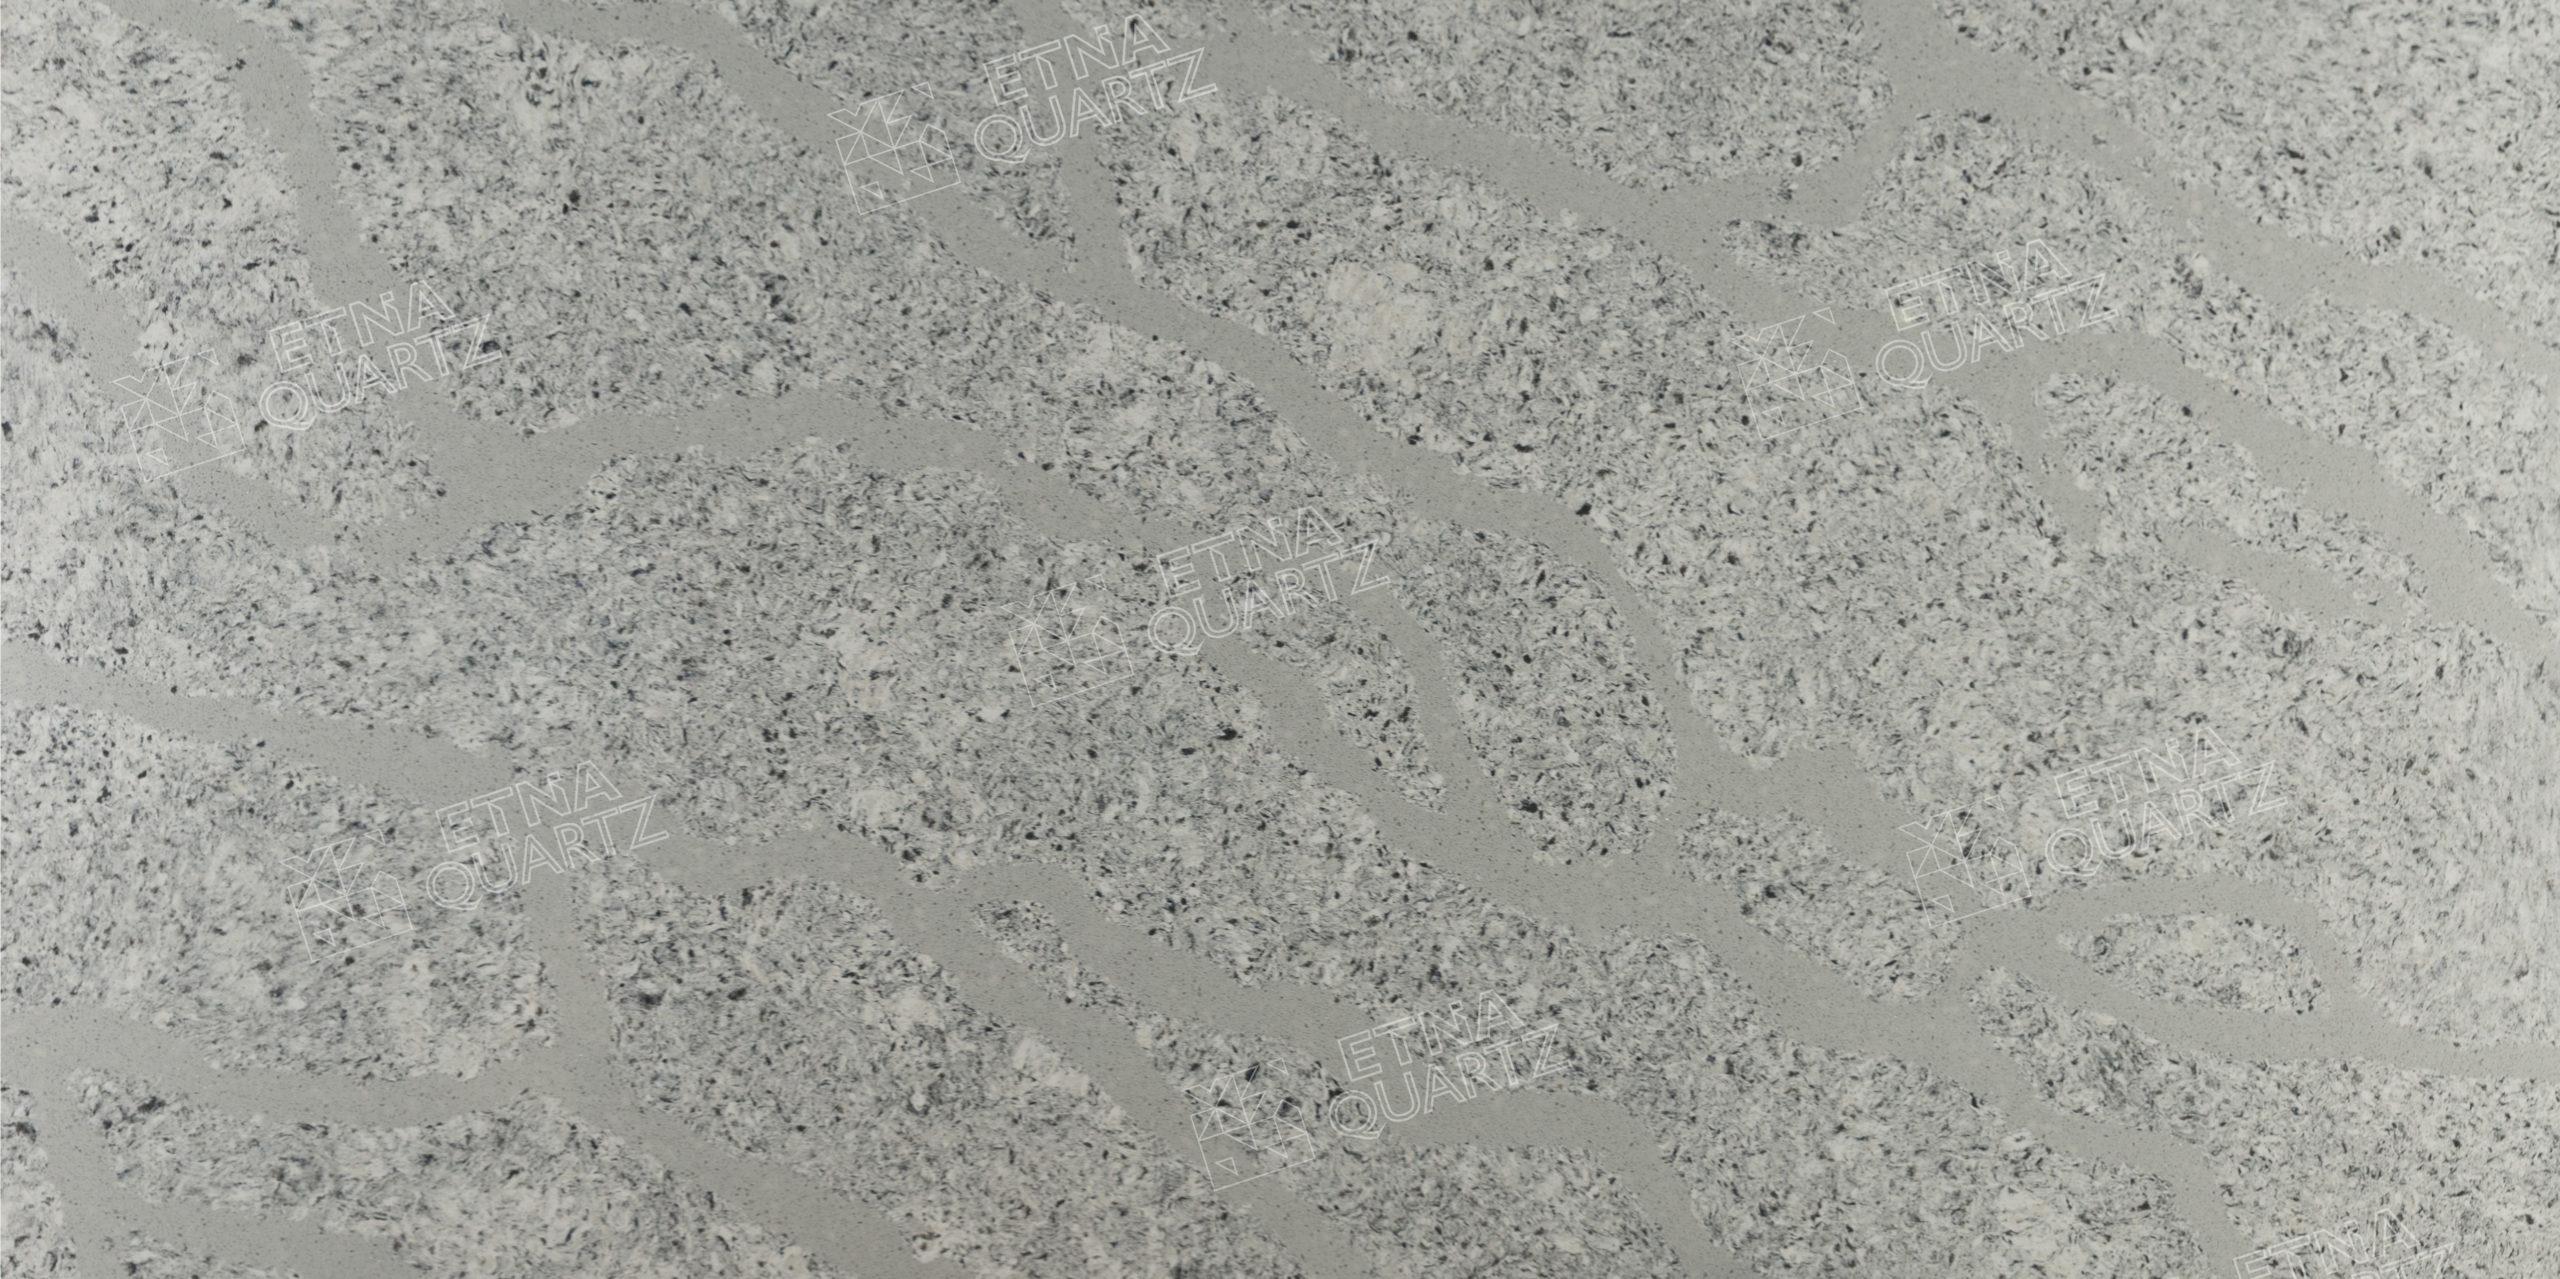 EQPG 022 Bianco Antico